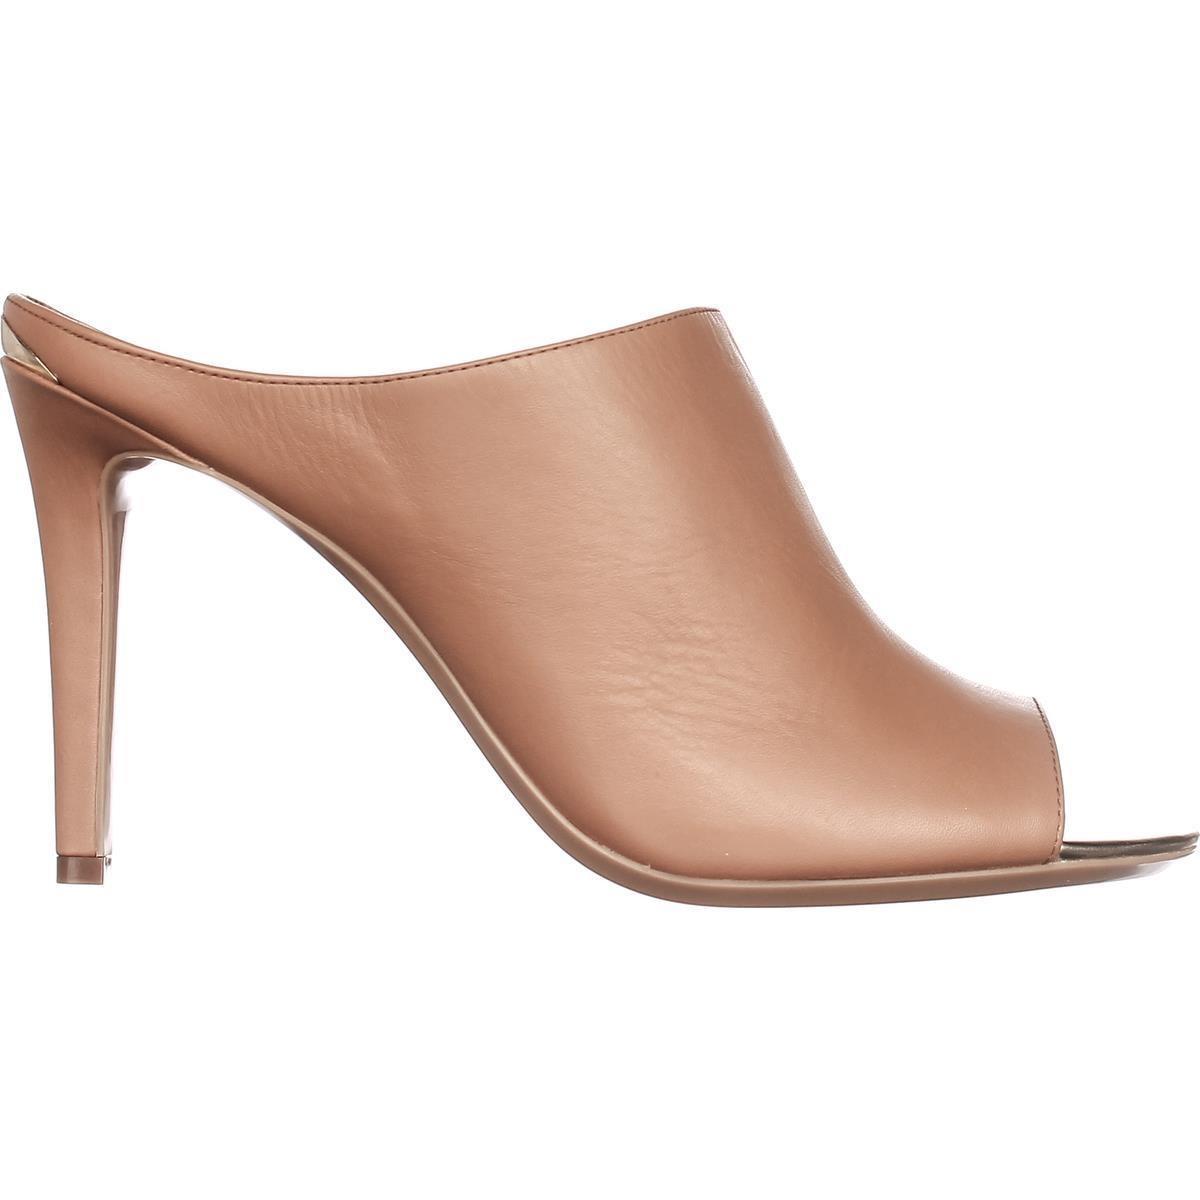 Mule Shoes Dress